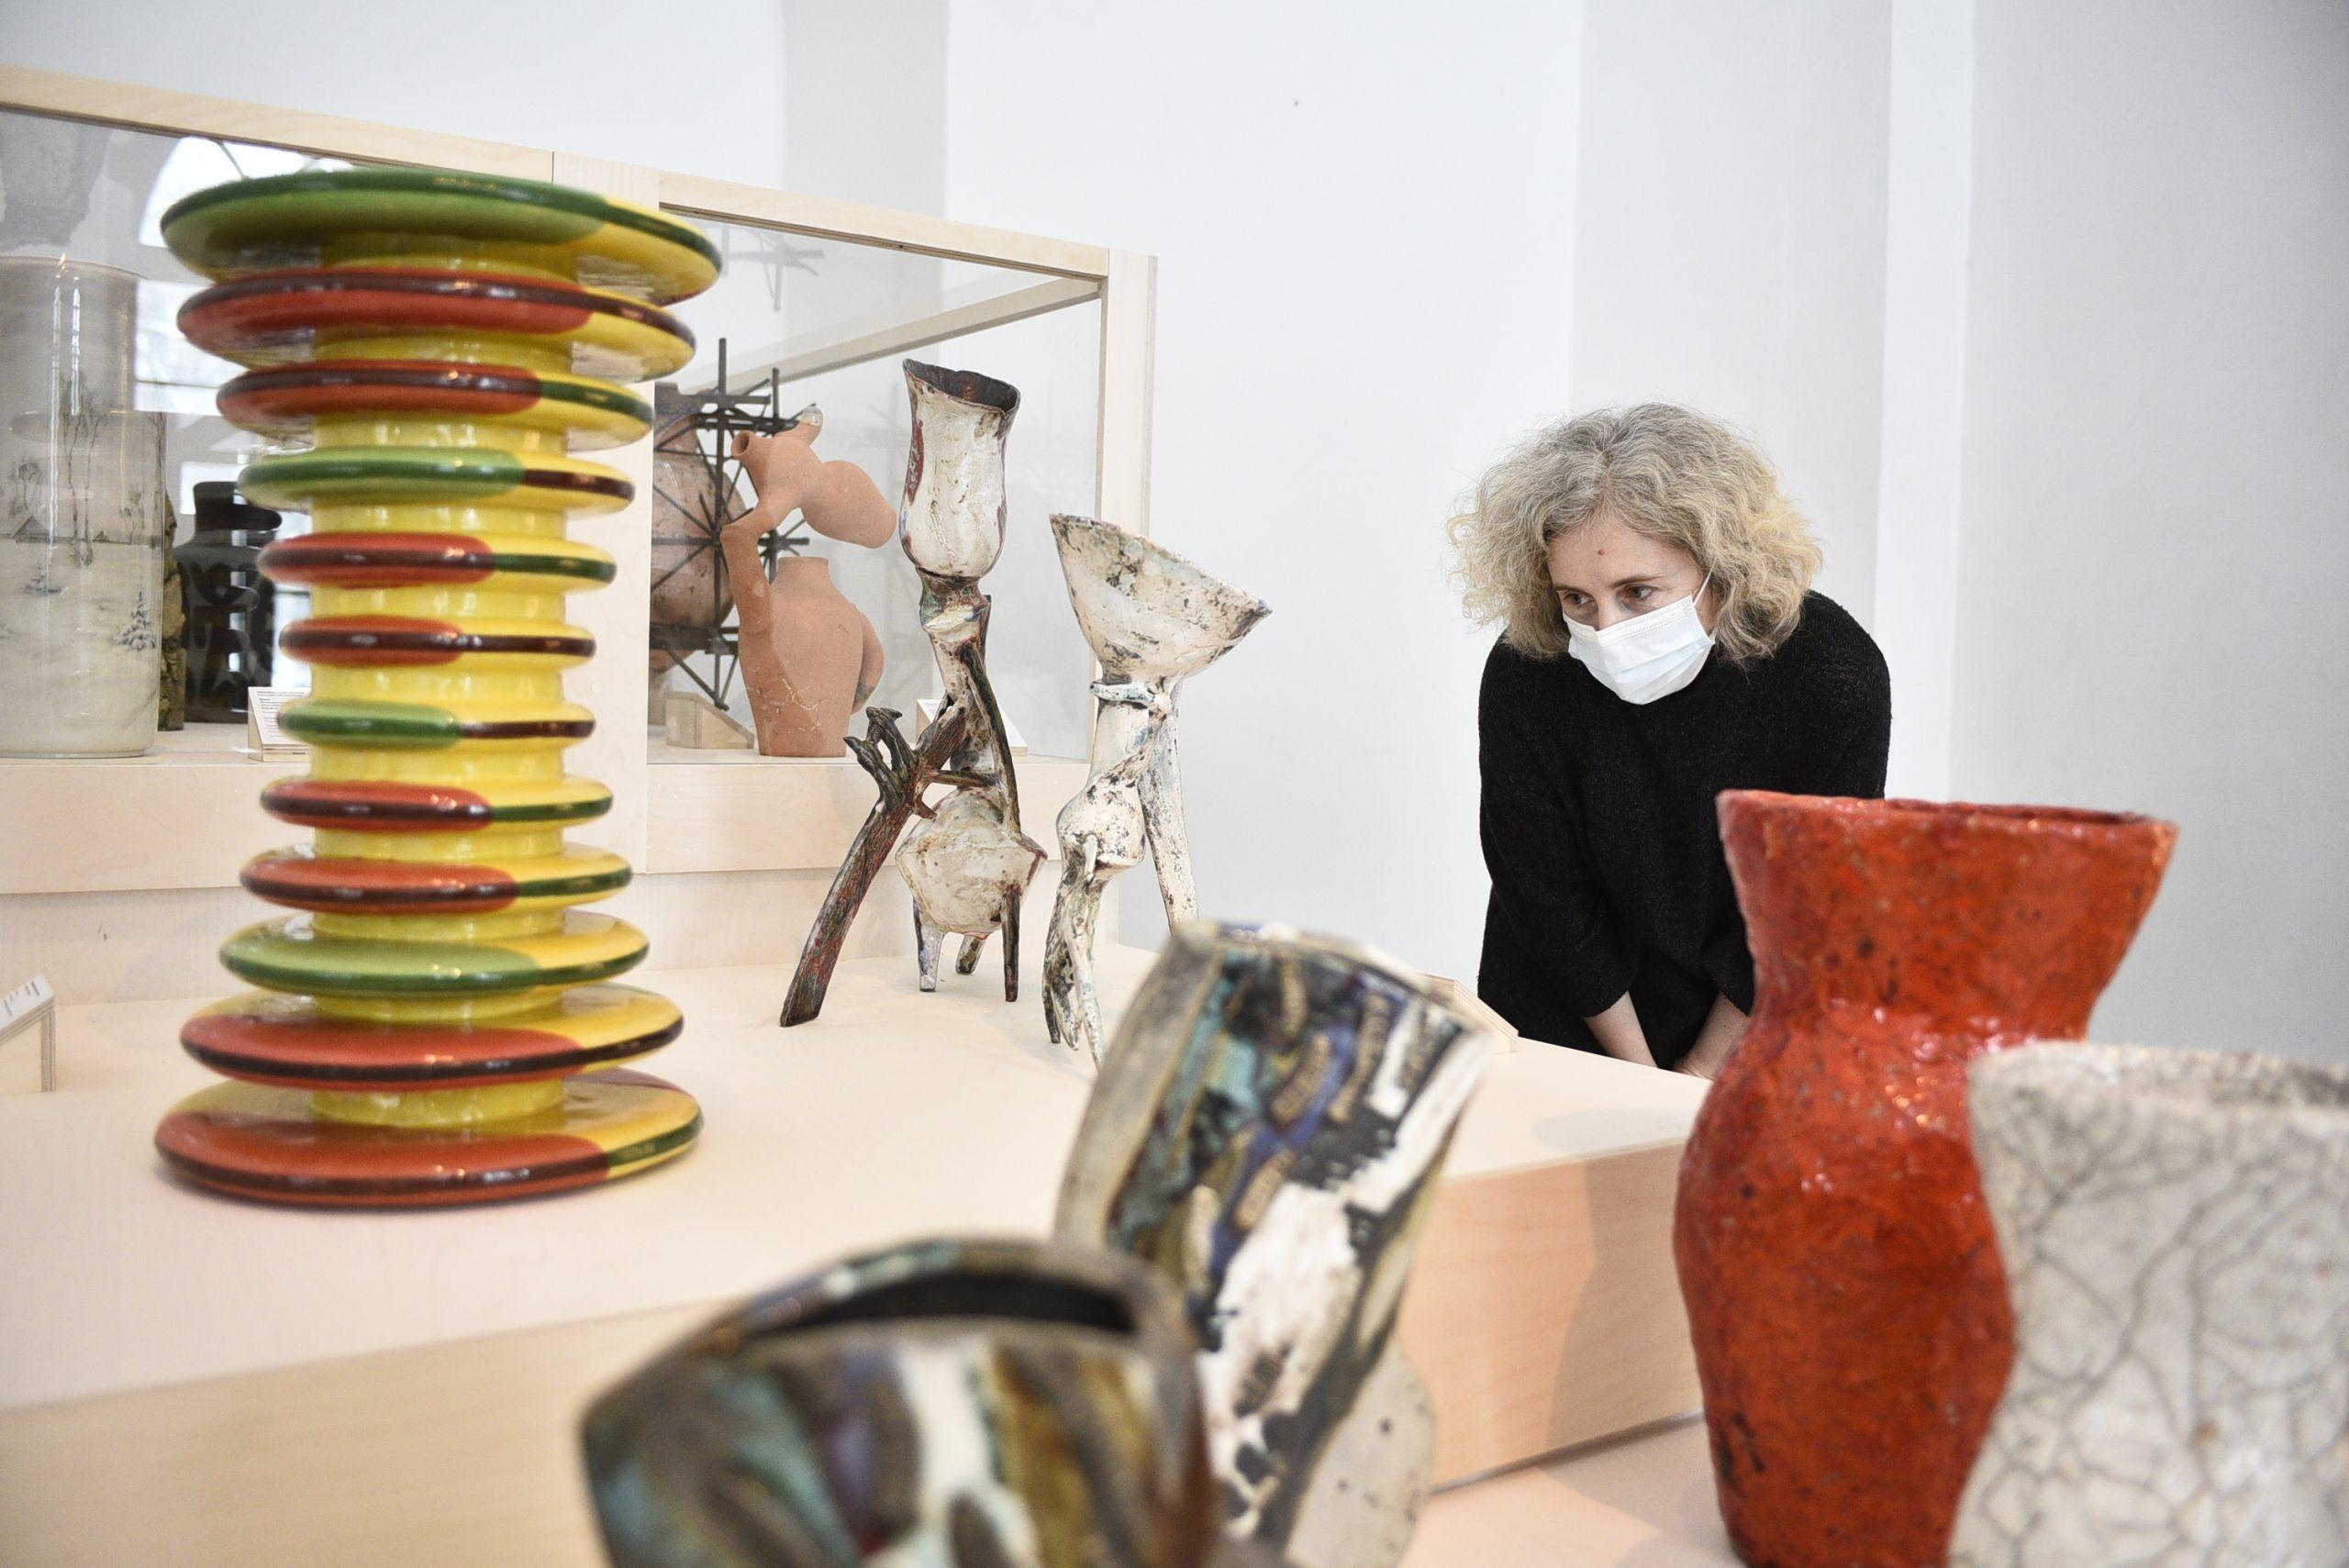 Финисаж выставки «Керамика. Парадоксы» пройдет в прямом эфире